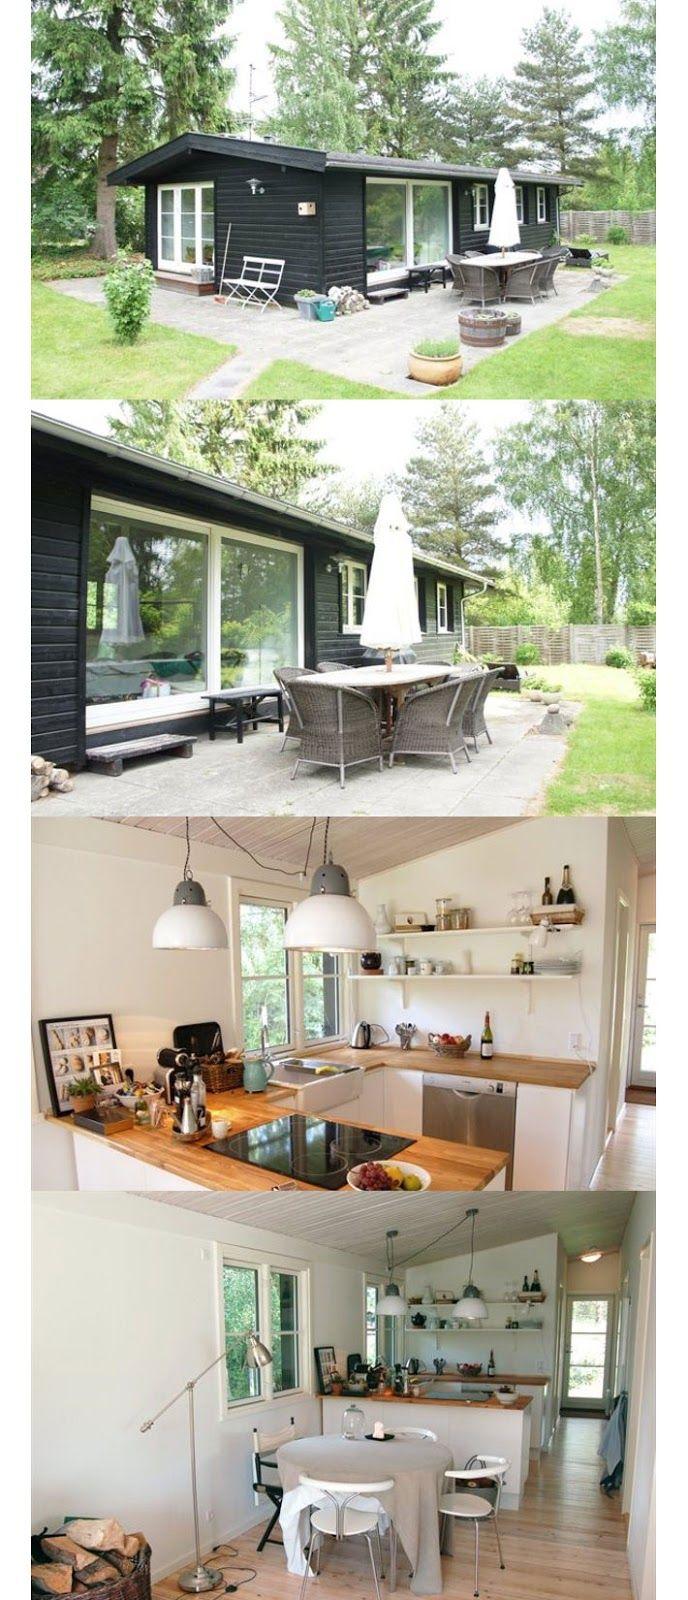 Amalie loves Denmark Holiday in Denmark Holiday home in Hornbæk